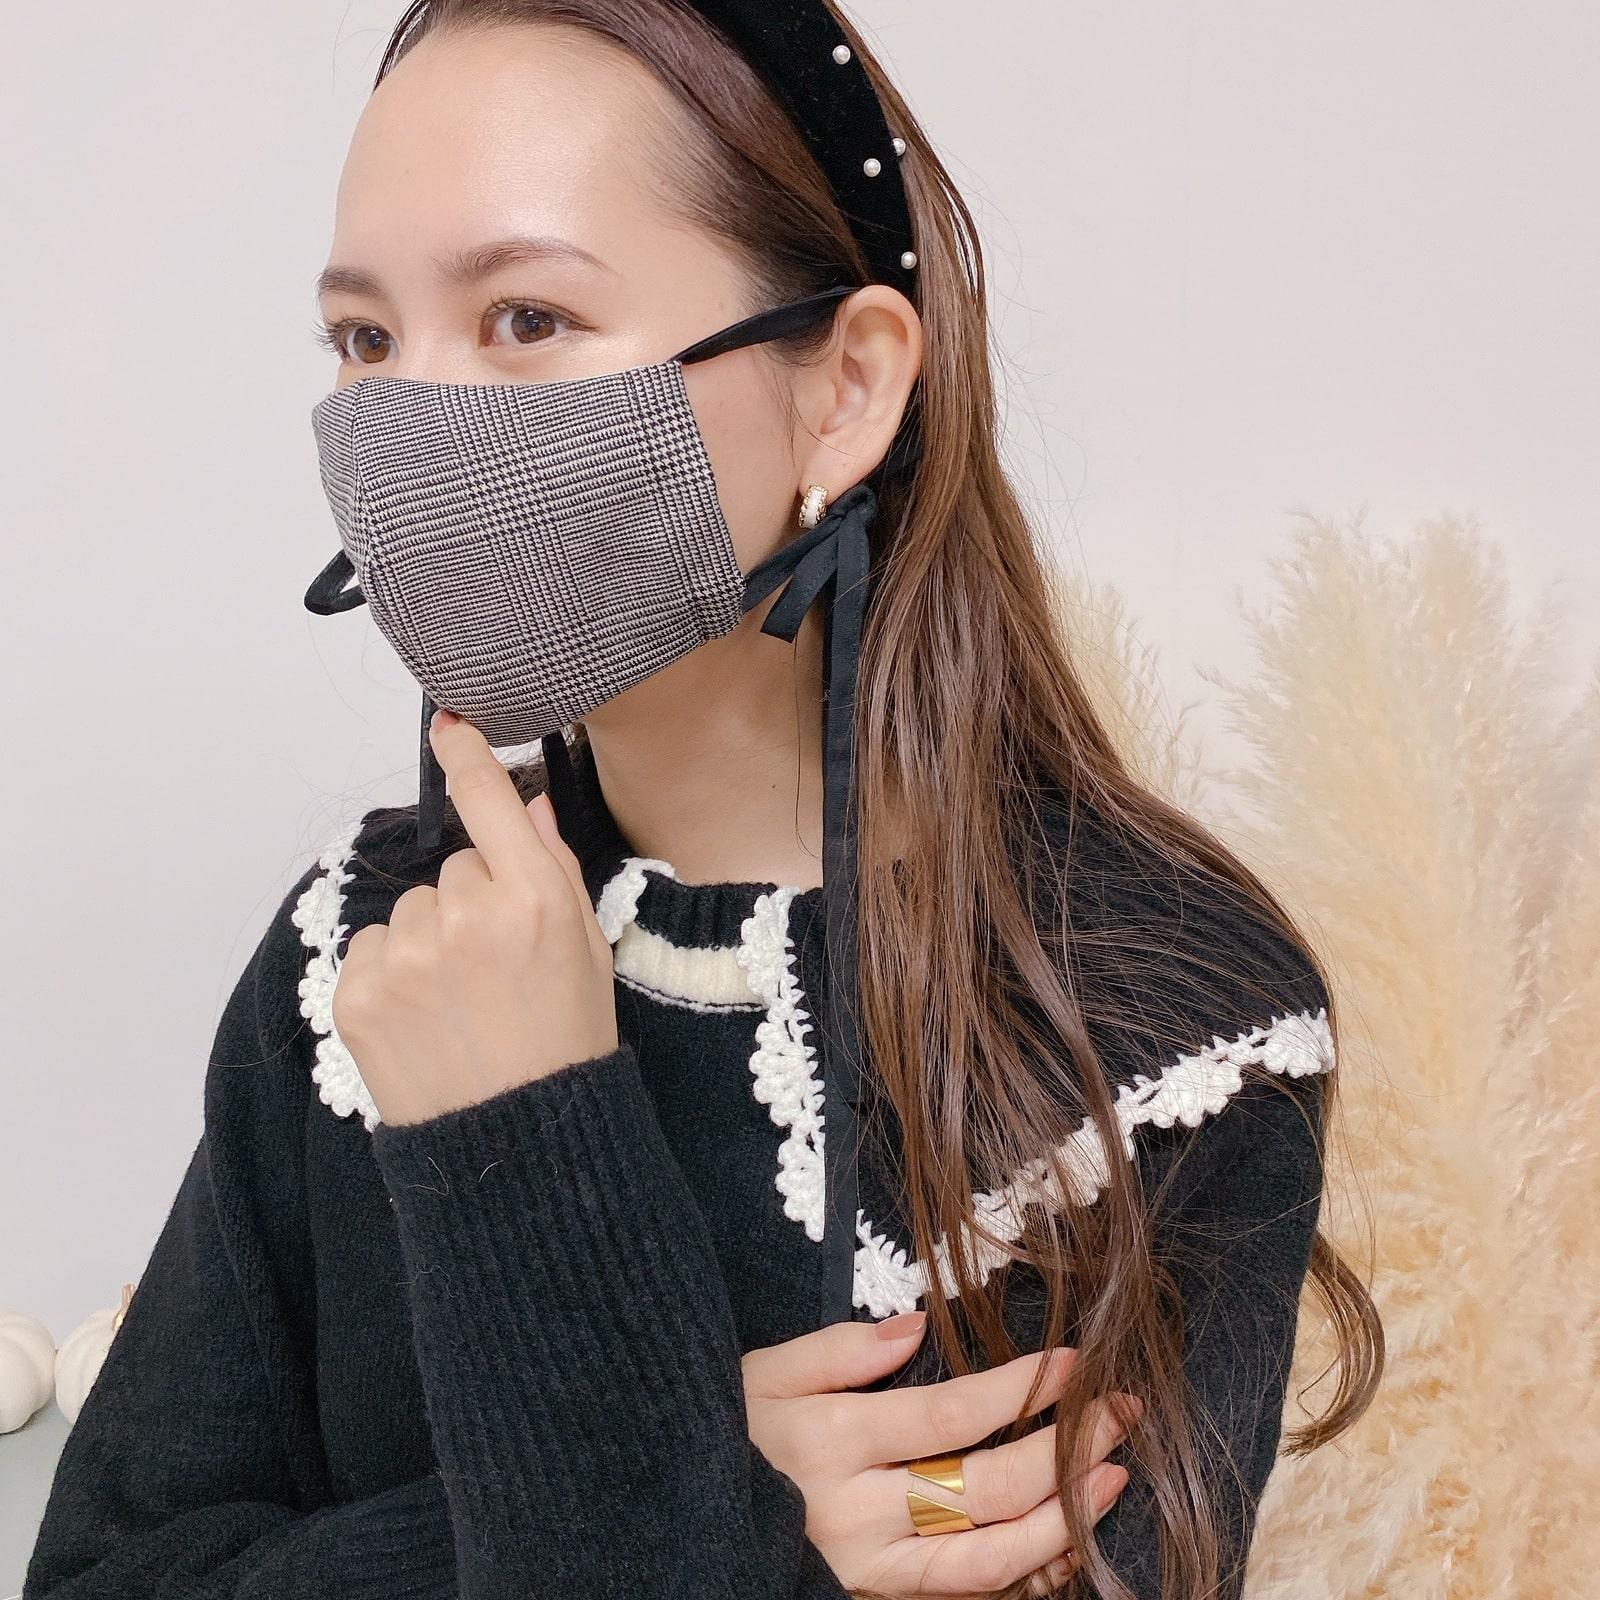 マスク Glen Check Ribbon Mask� 11/12 20:00発売